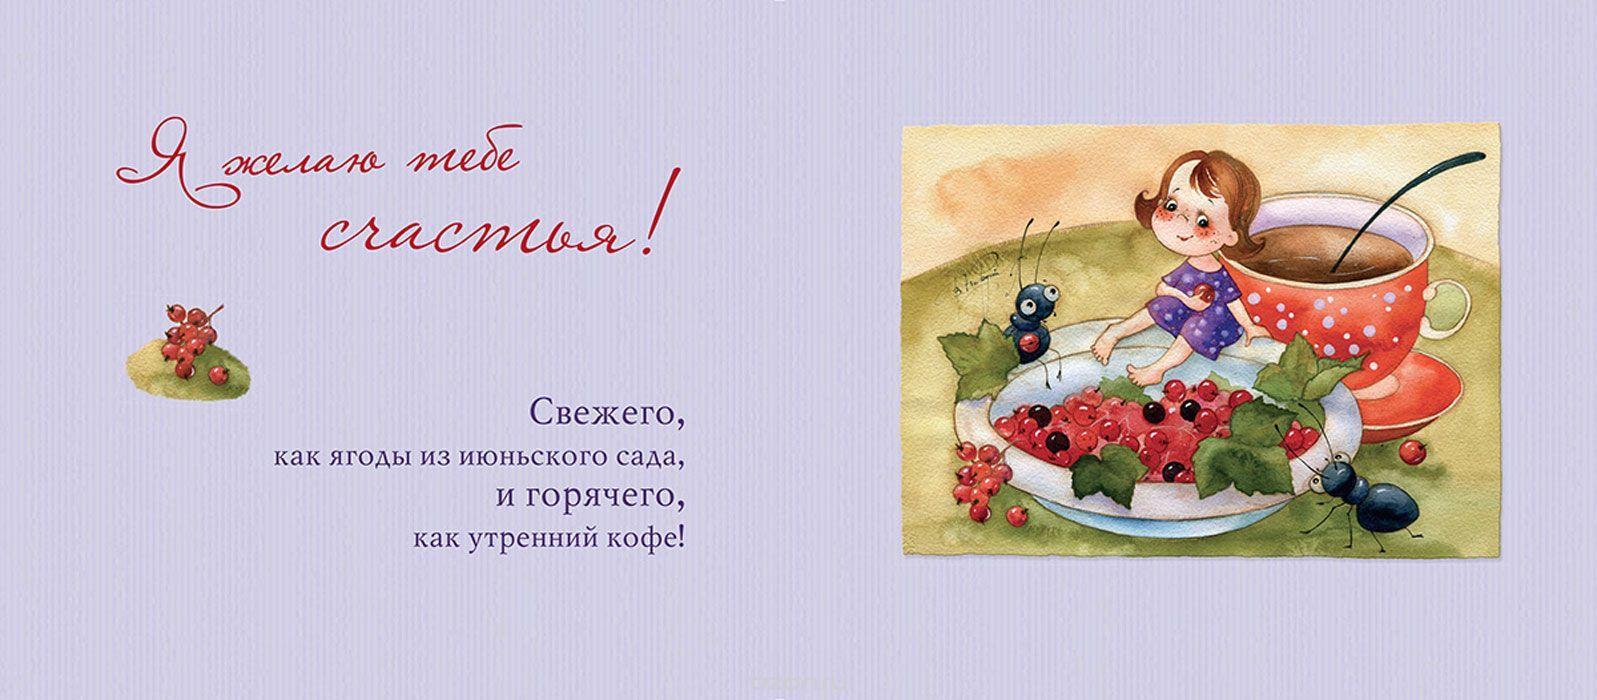 День, открытка с днем рождения виктории кирдий